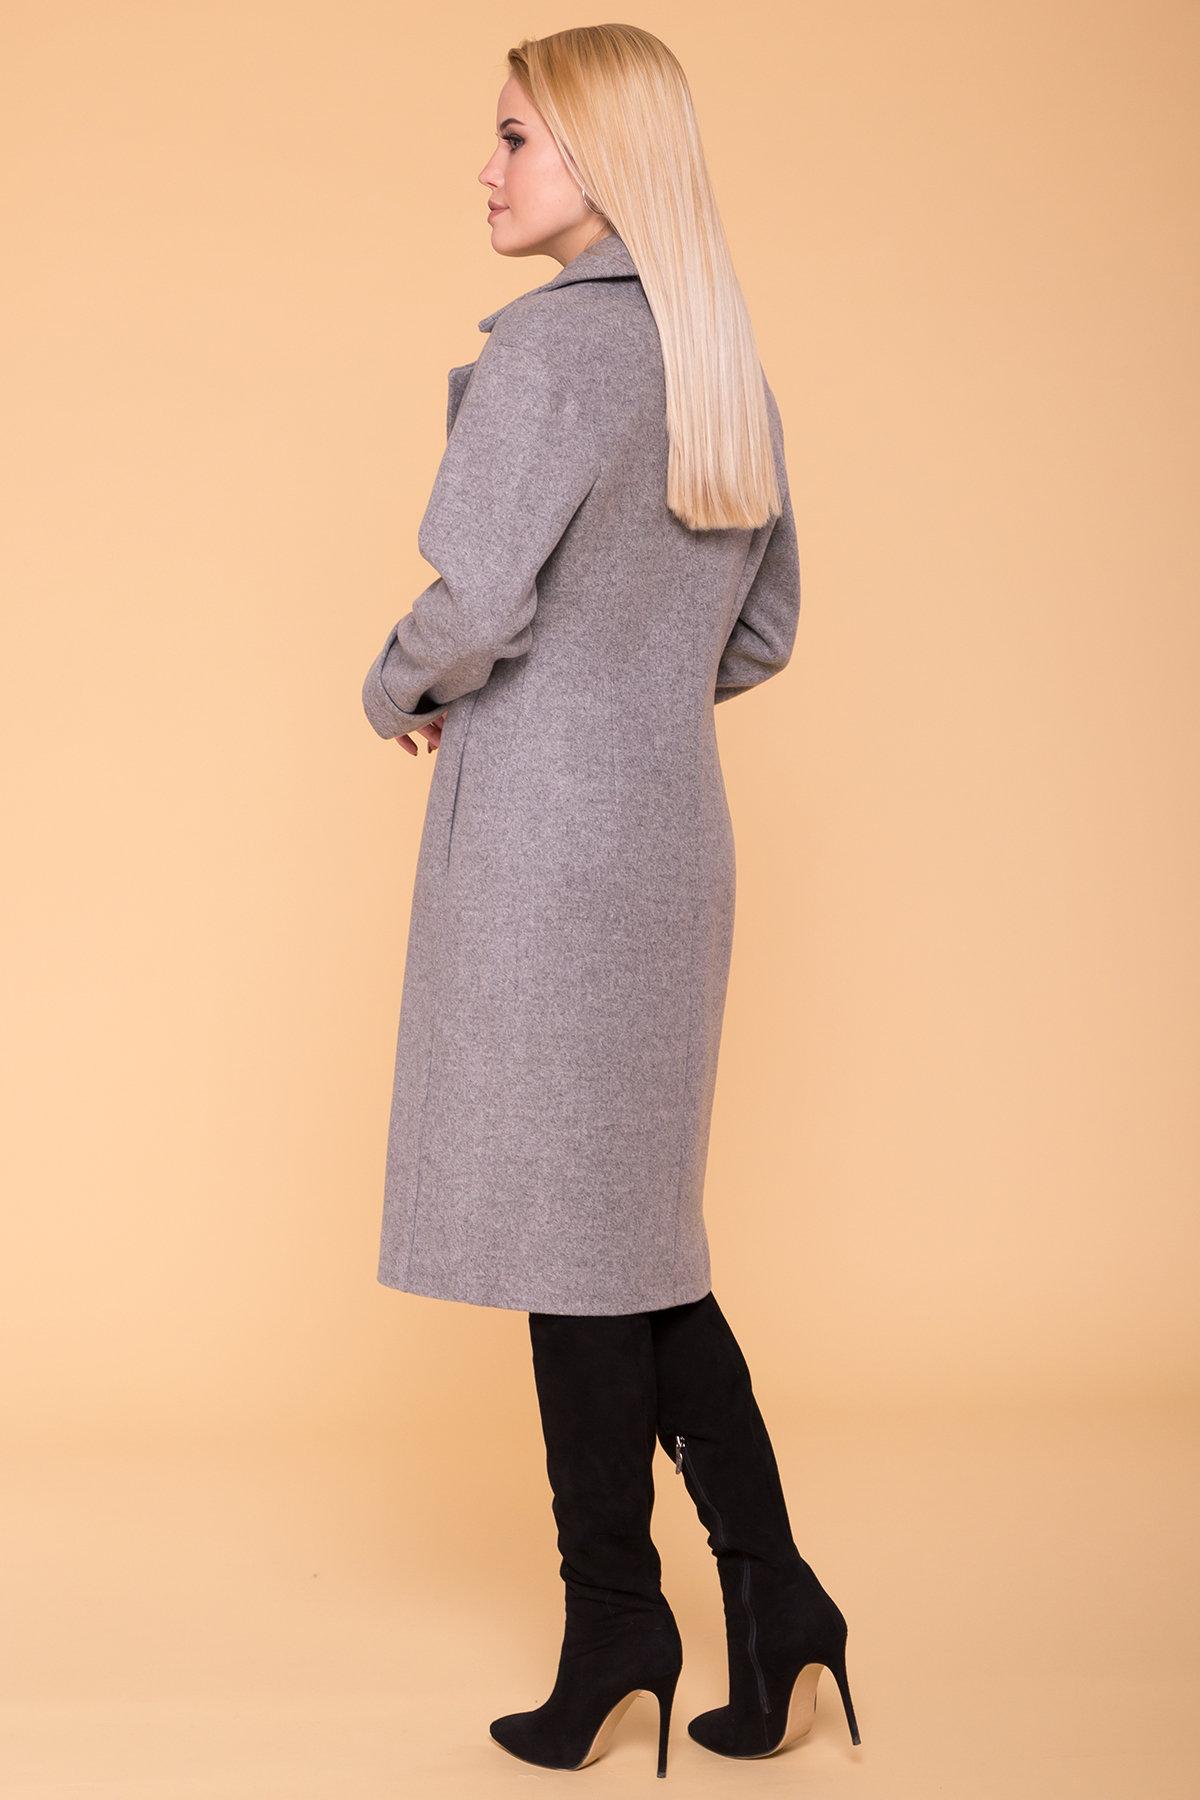 Демисезонное пальто Месси 6226 АРТ. 41053 Цвет: Серый Светлый 1 - фото 2, интернет магазин tm-modus.ru